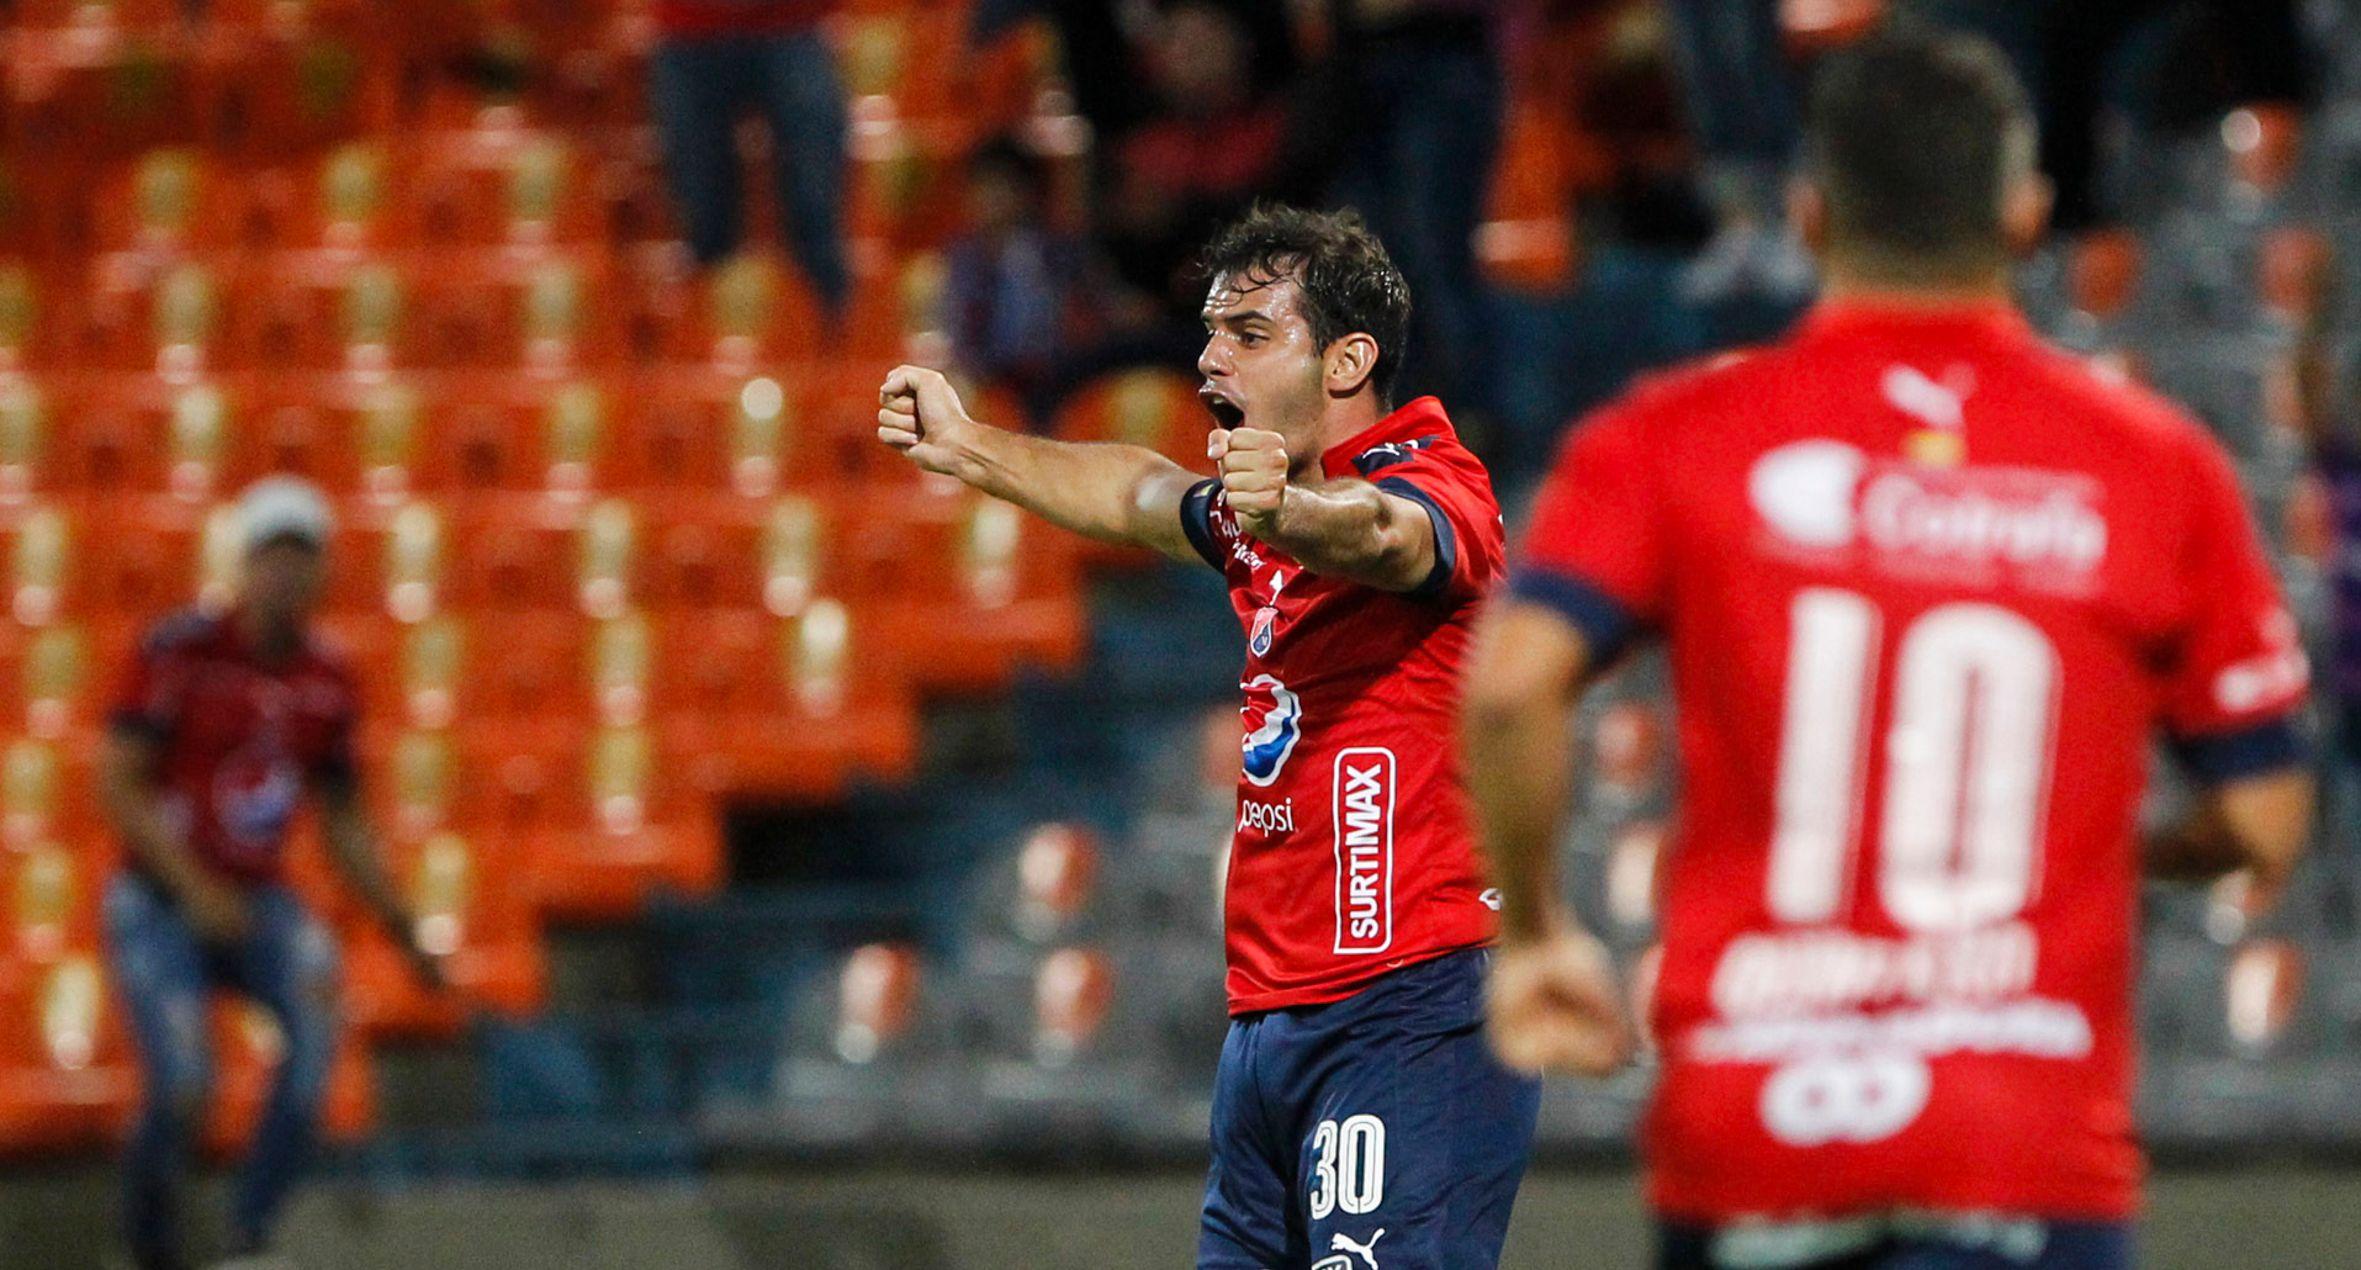 DIM sumó su primera victoria en el Grupo 3 de la Copa Libertadores frente a Melgar de Arequipa. (AFP)